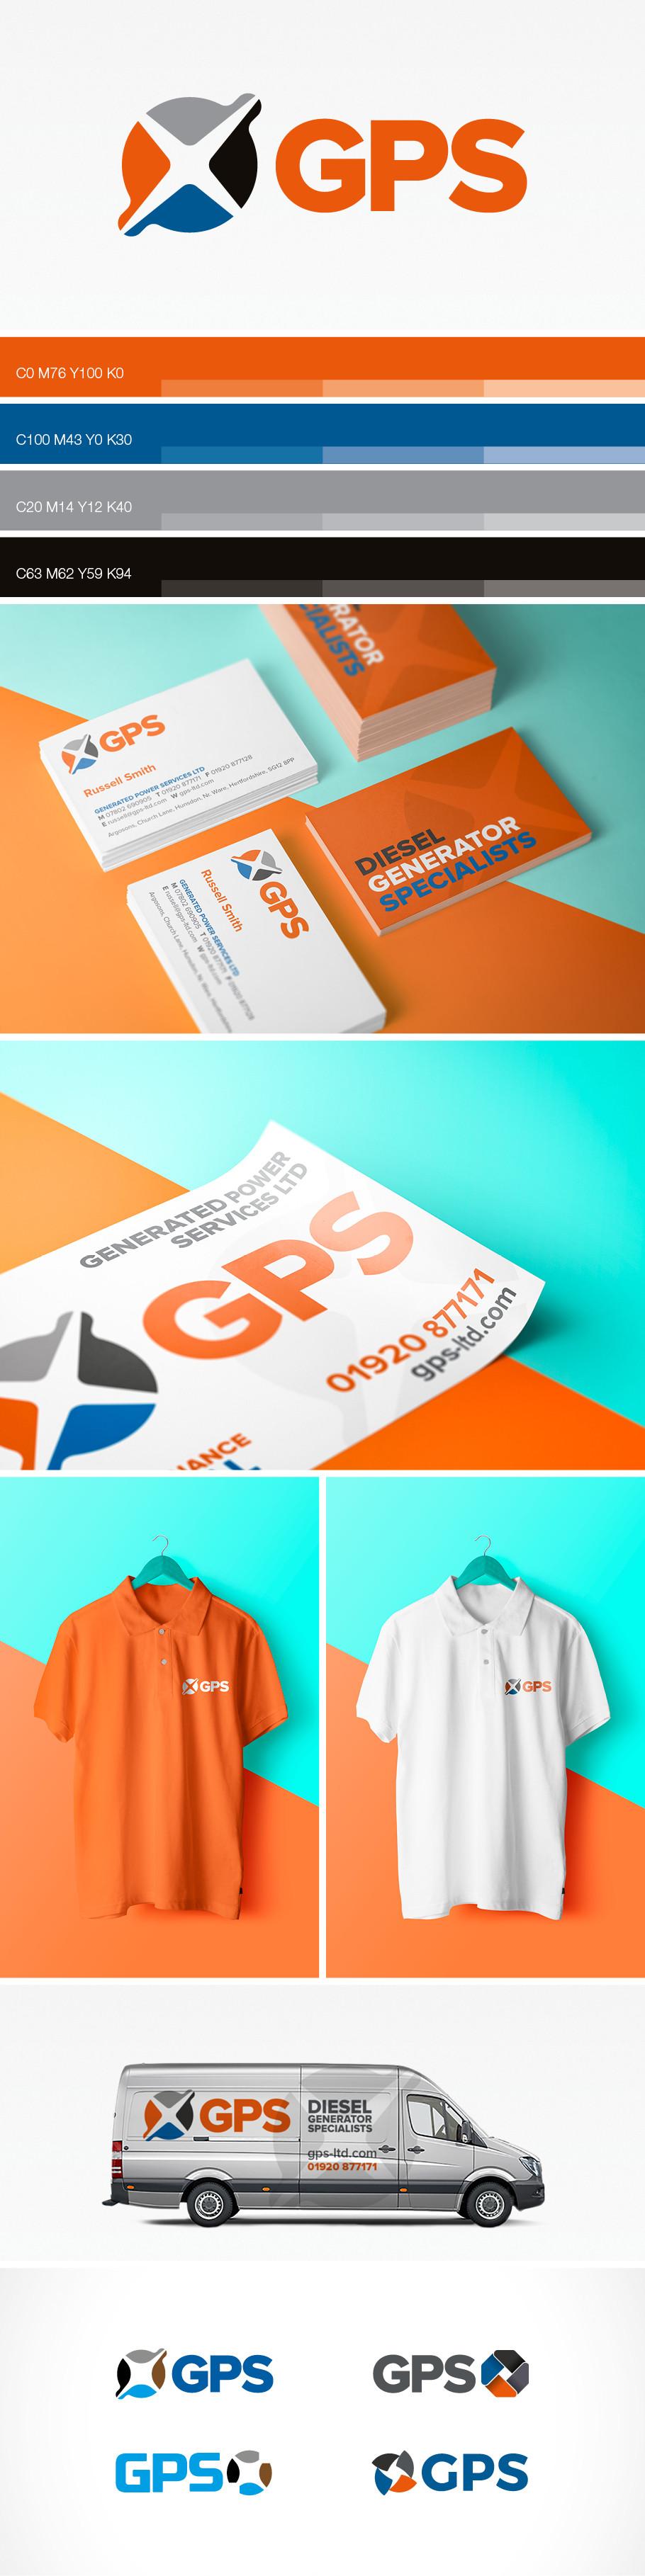 KOM Design | GPS